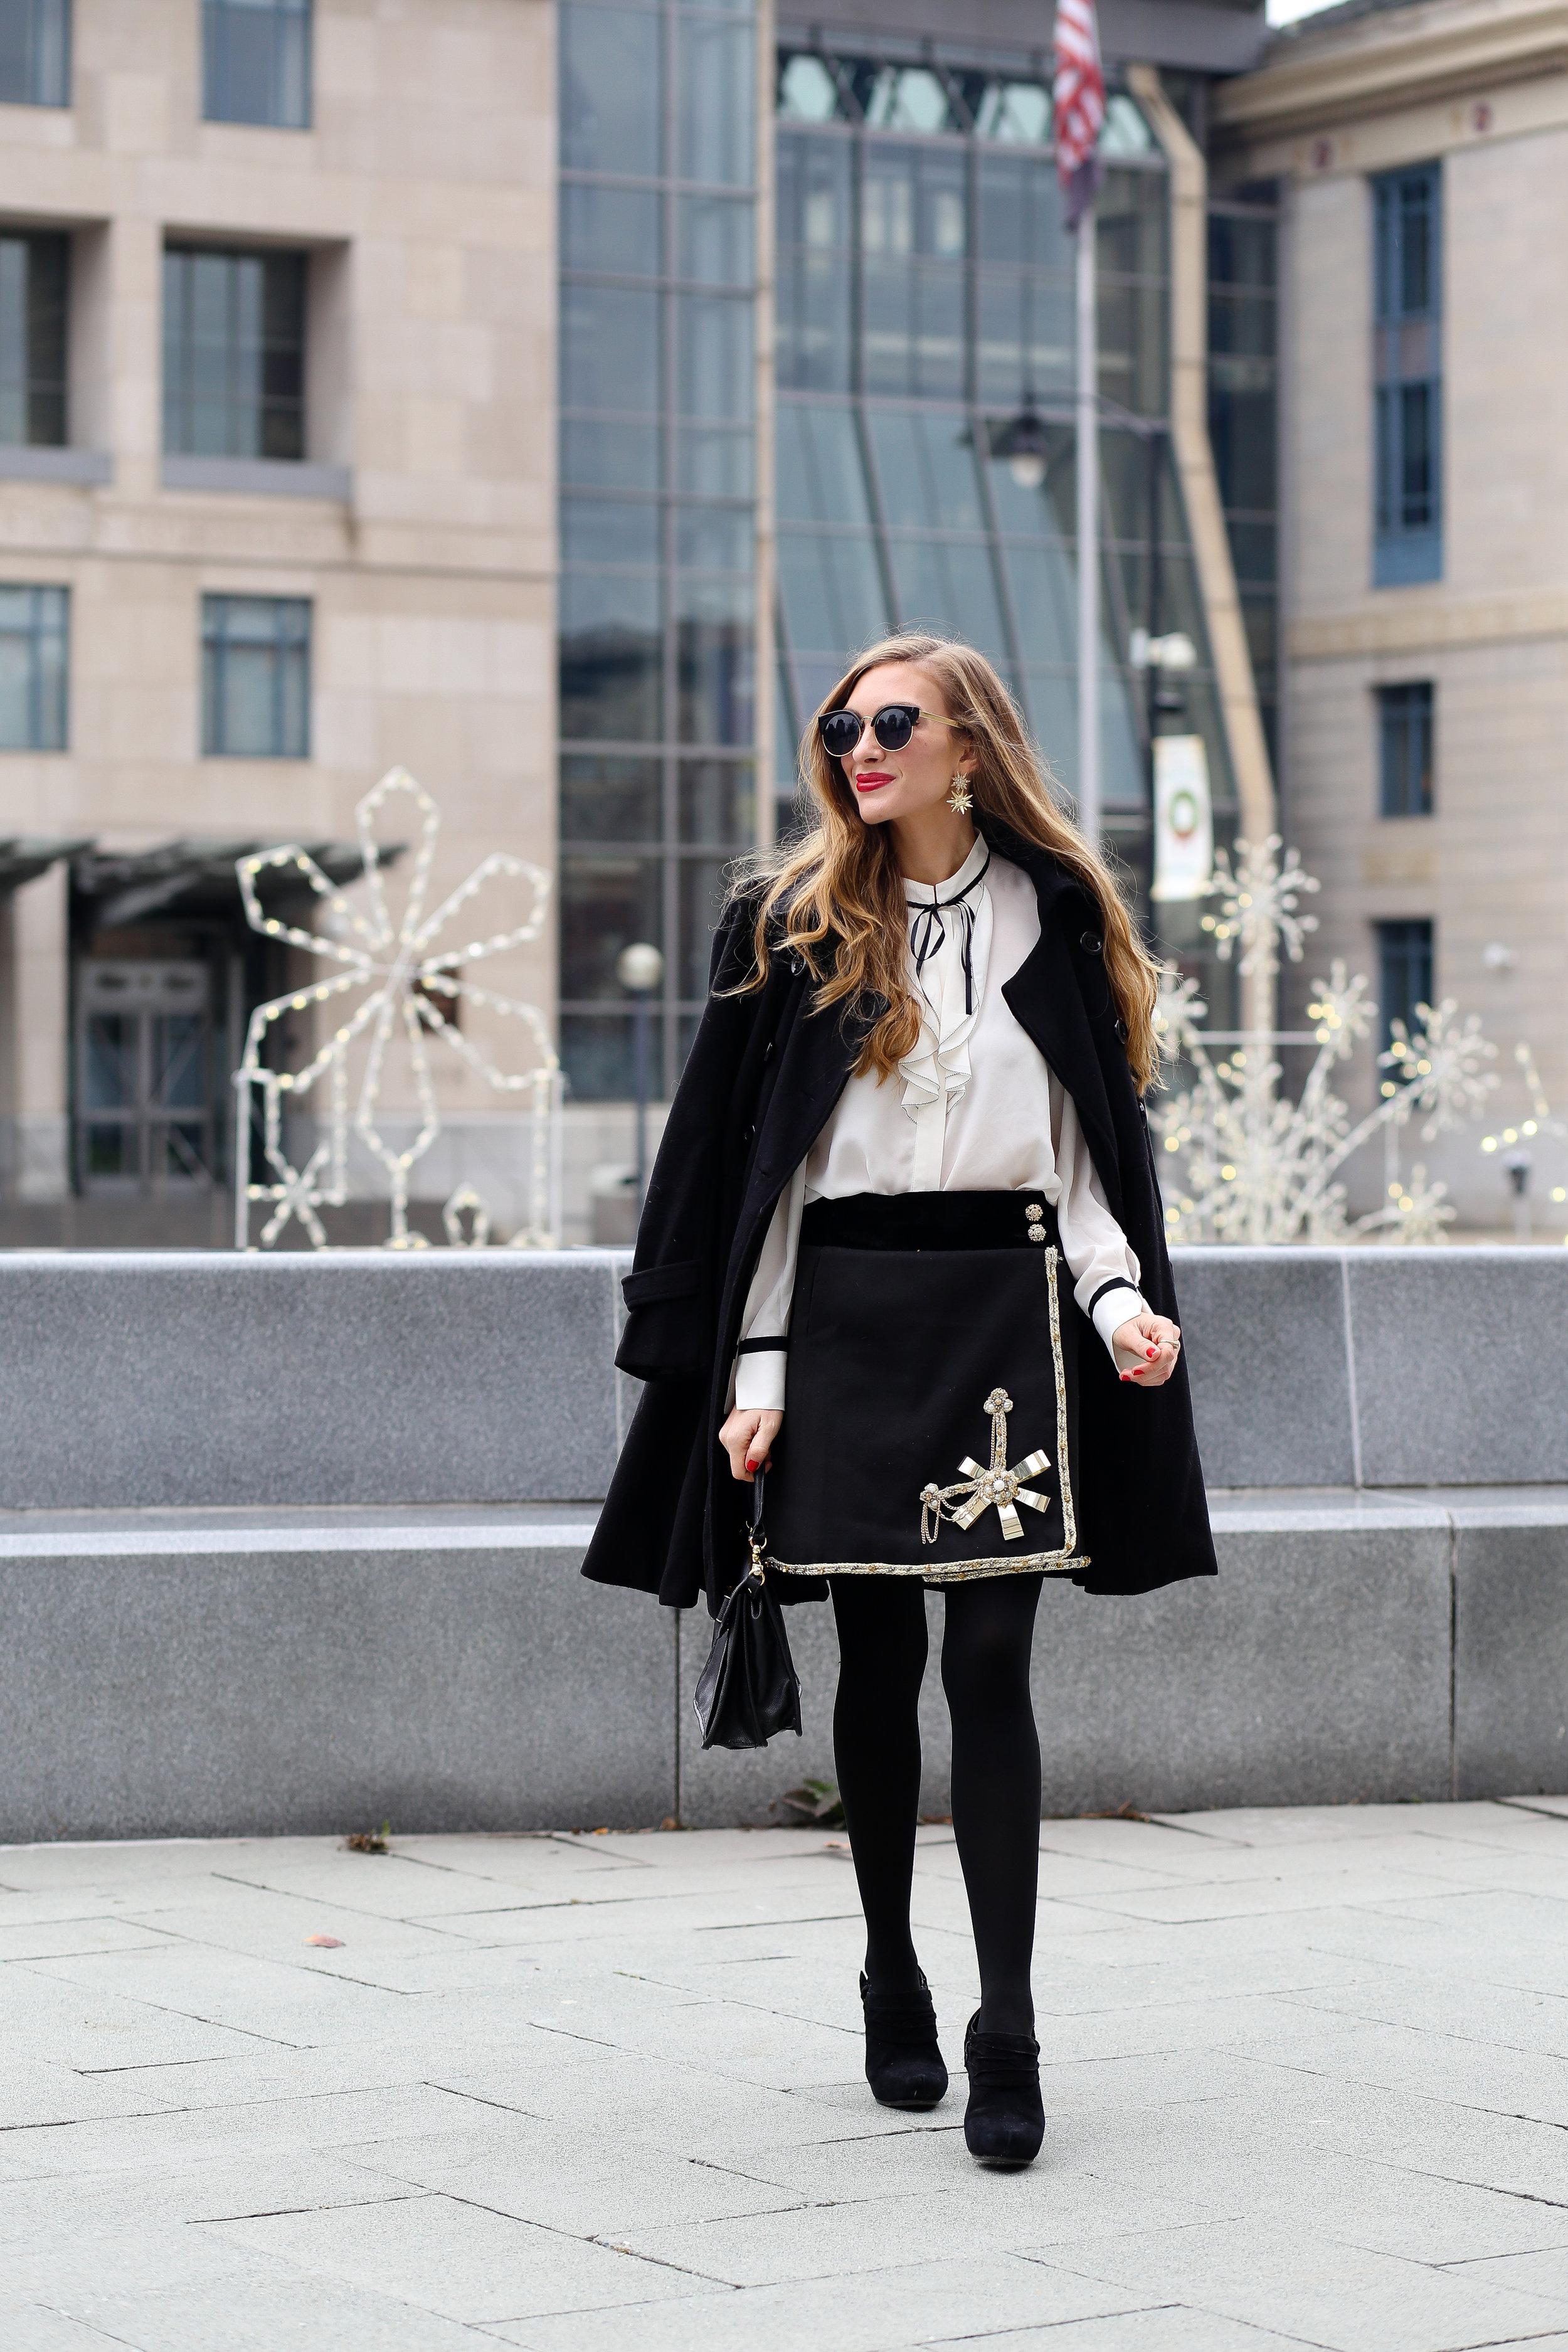 Embellished Skirt- Enchanting Elegance